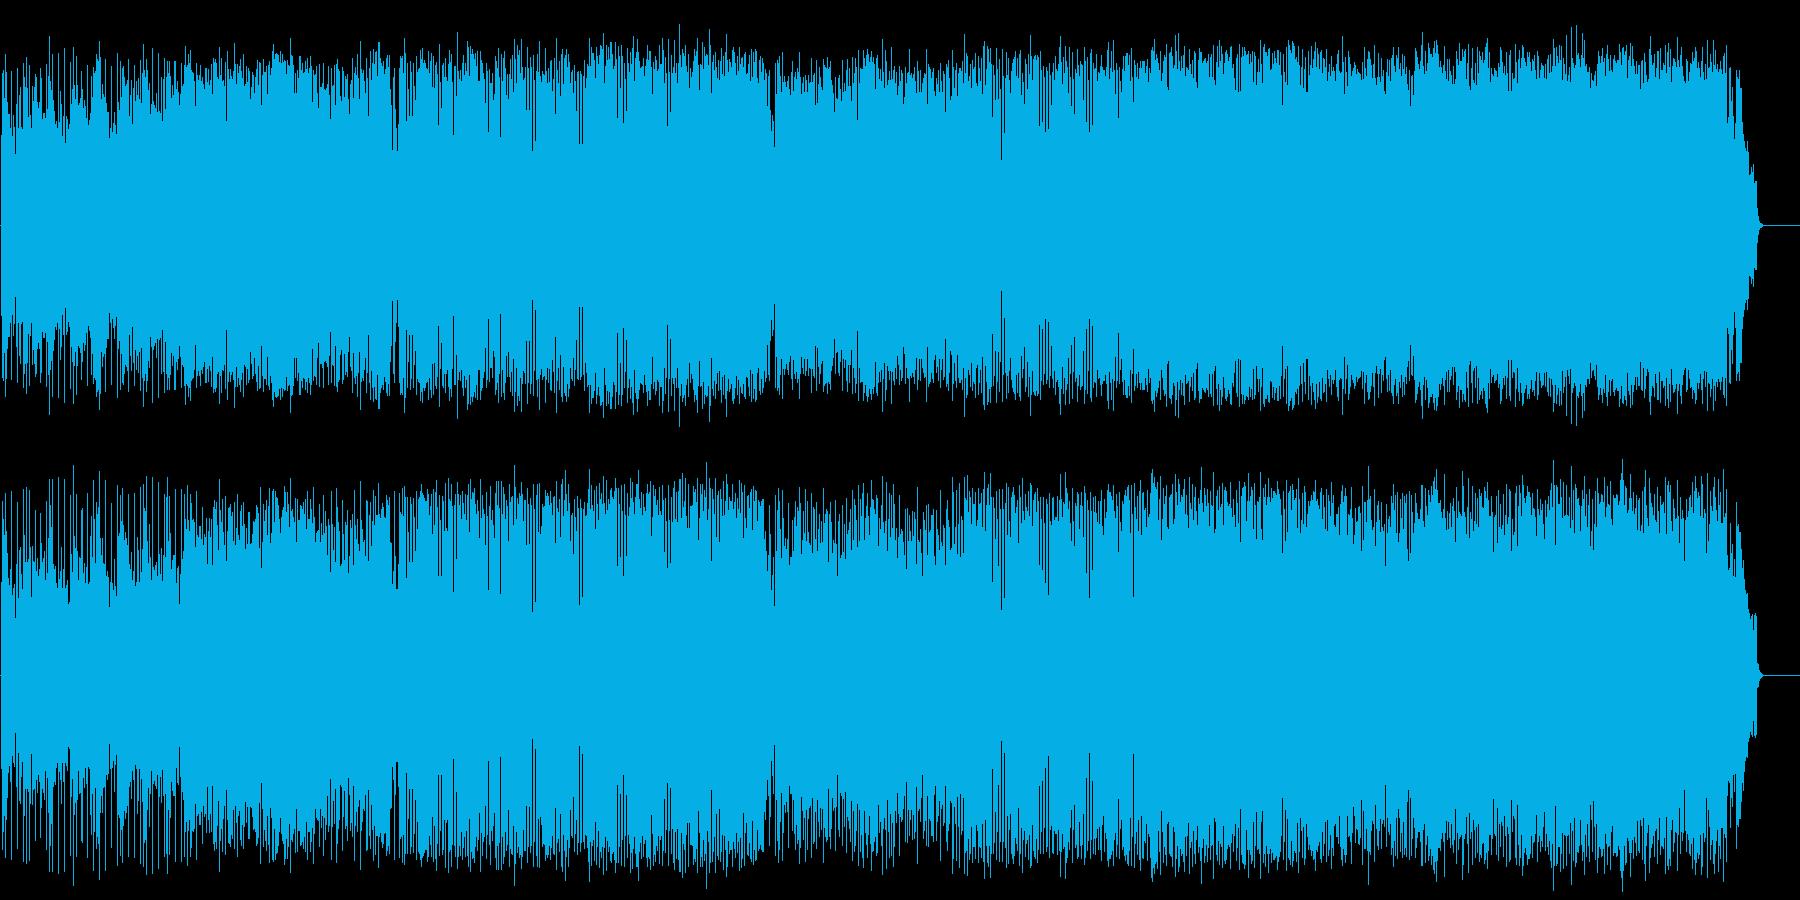 躍動感あふれる元気のいいポップロックの再生済みの波形